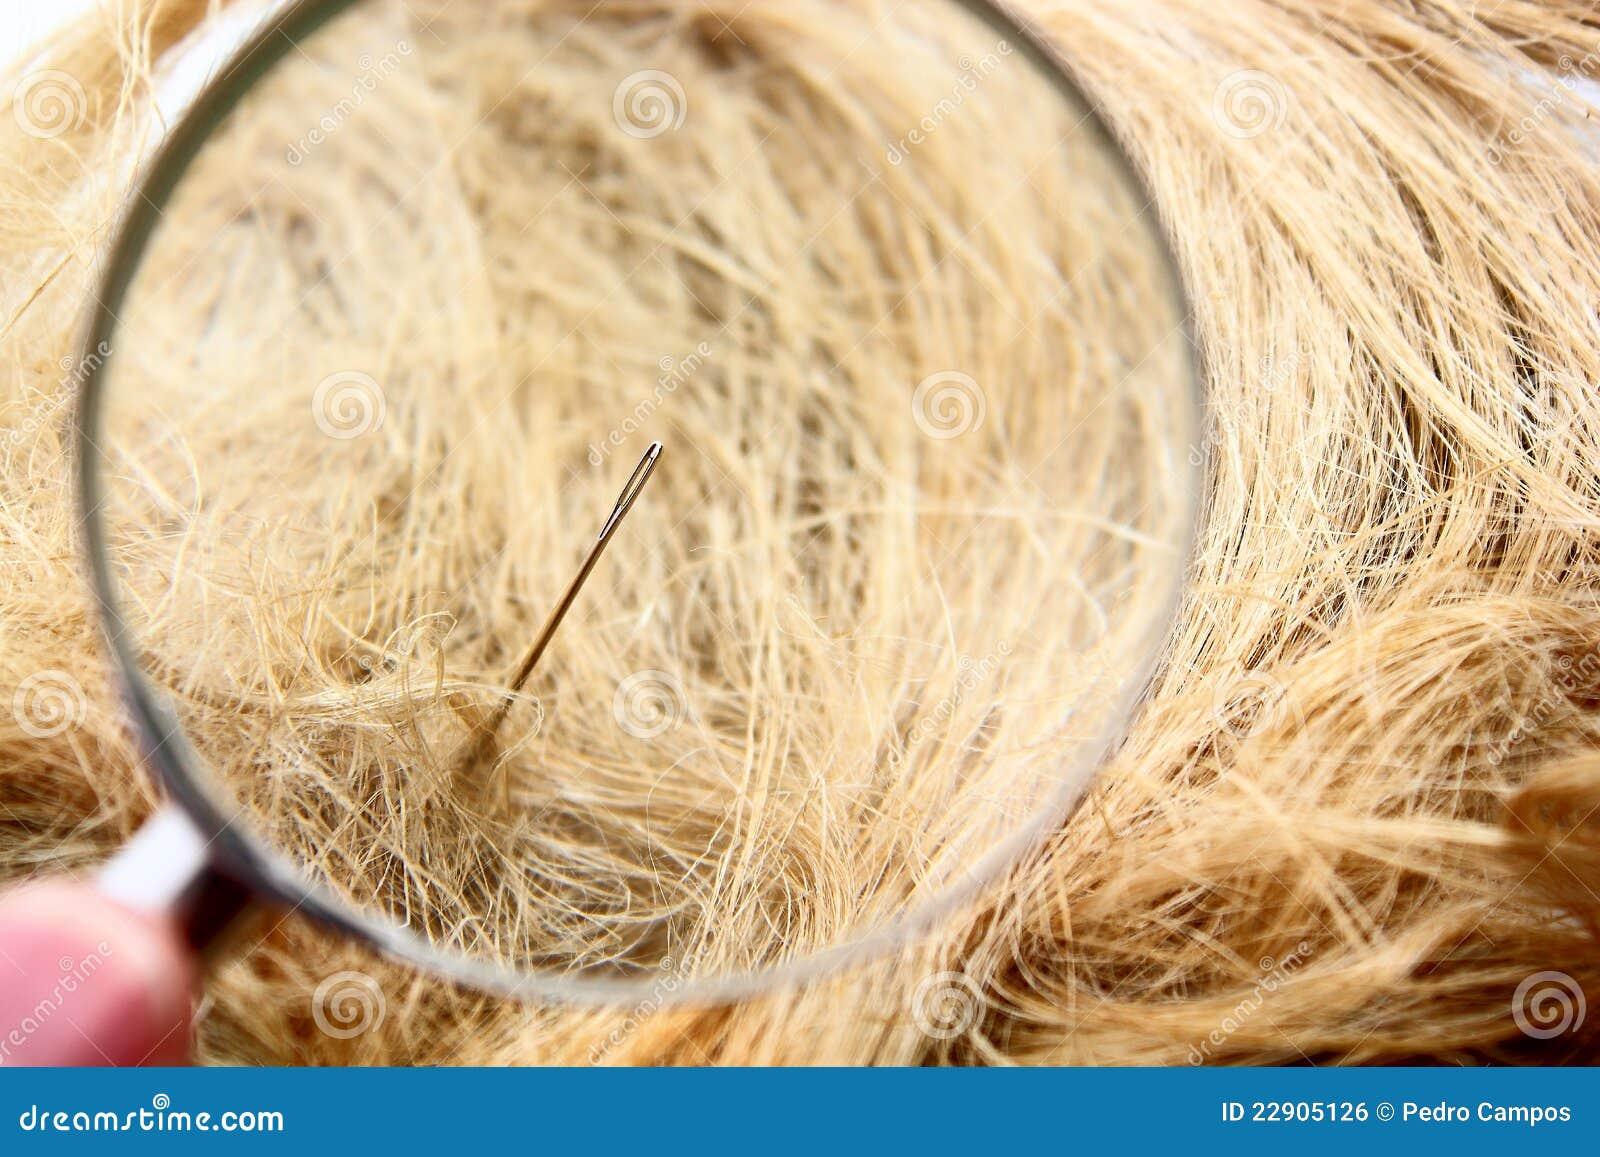 Encuentre una aguja en el haystack